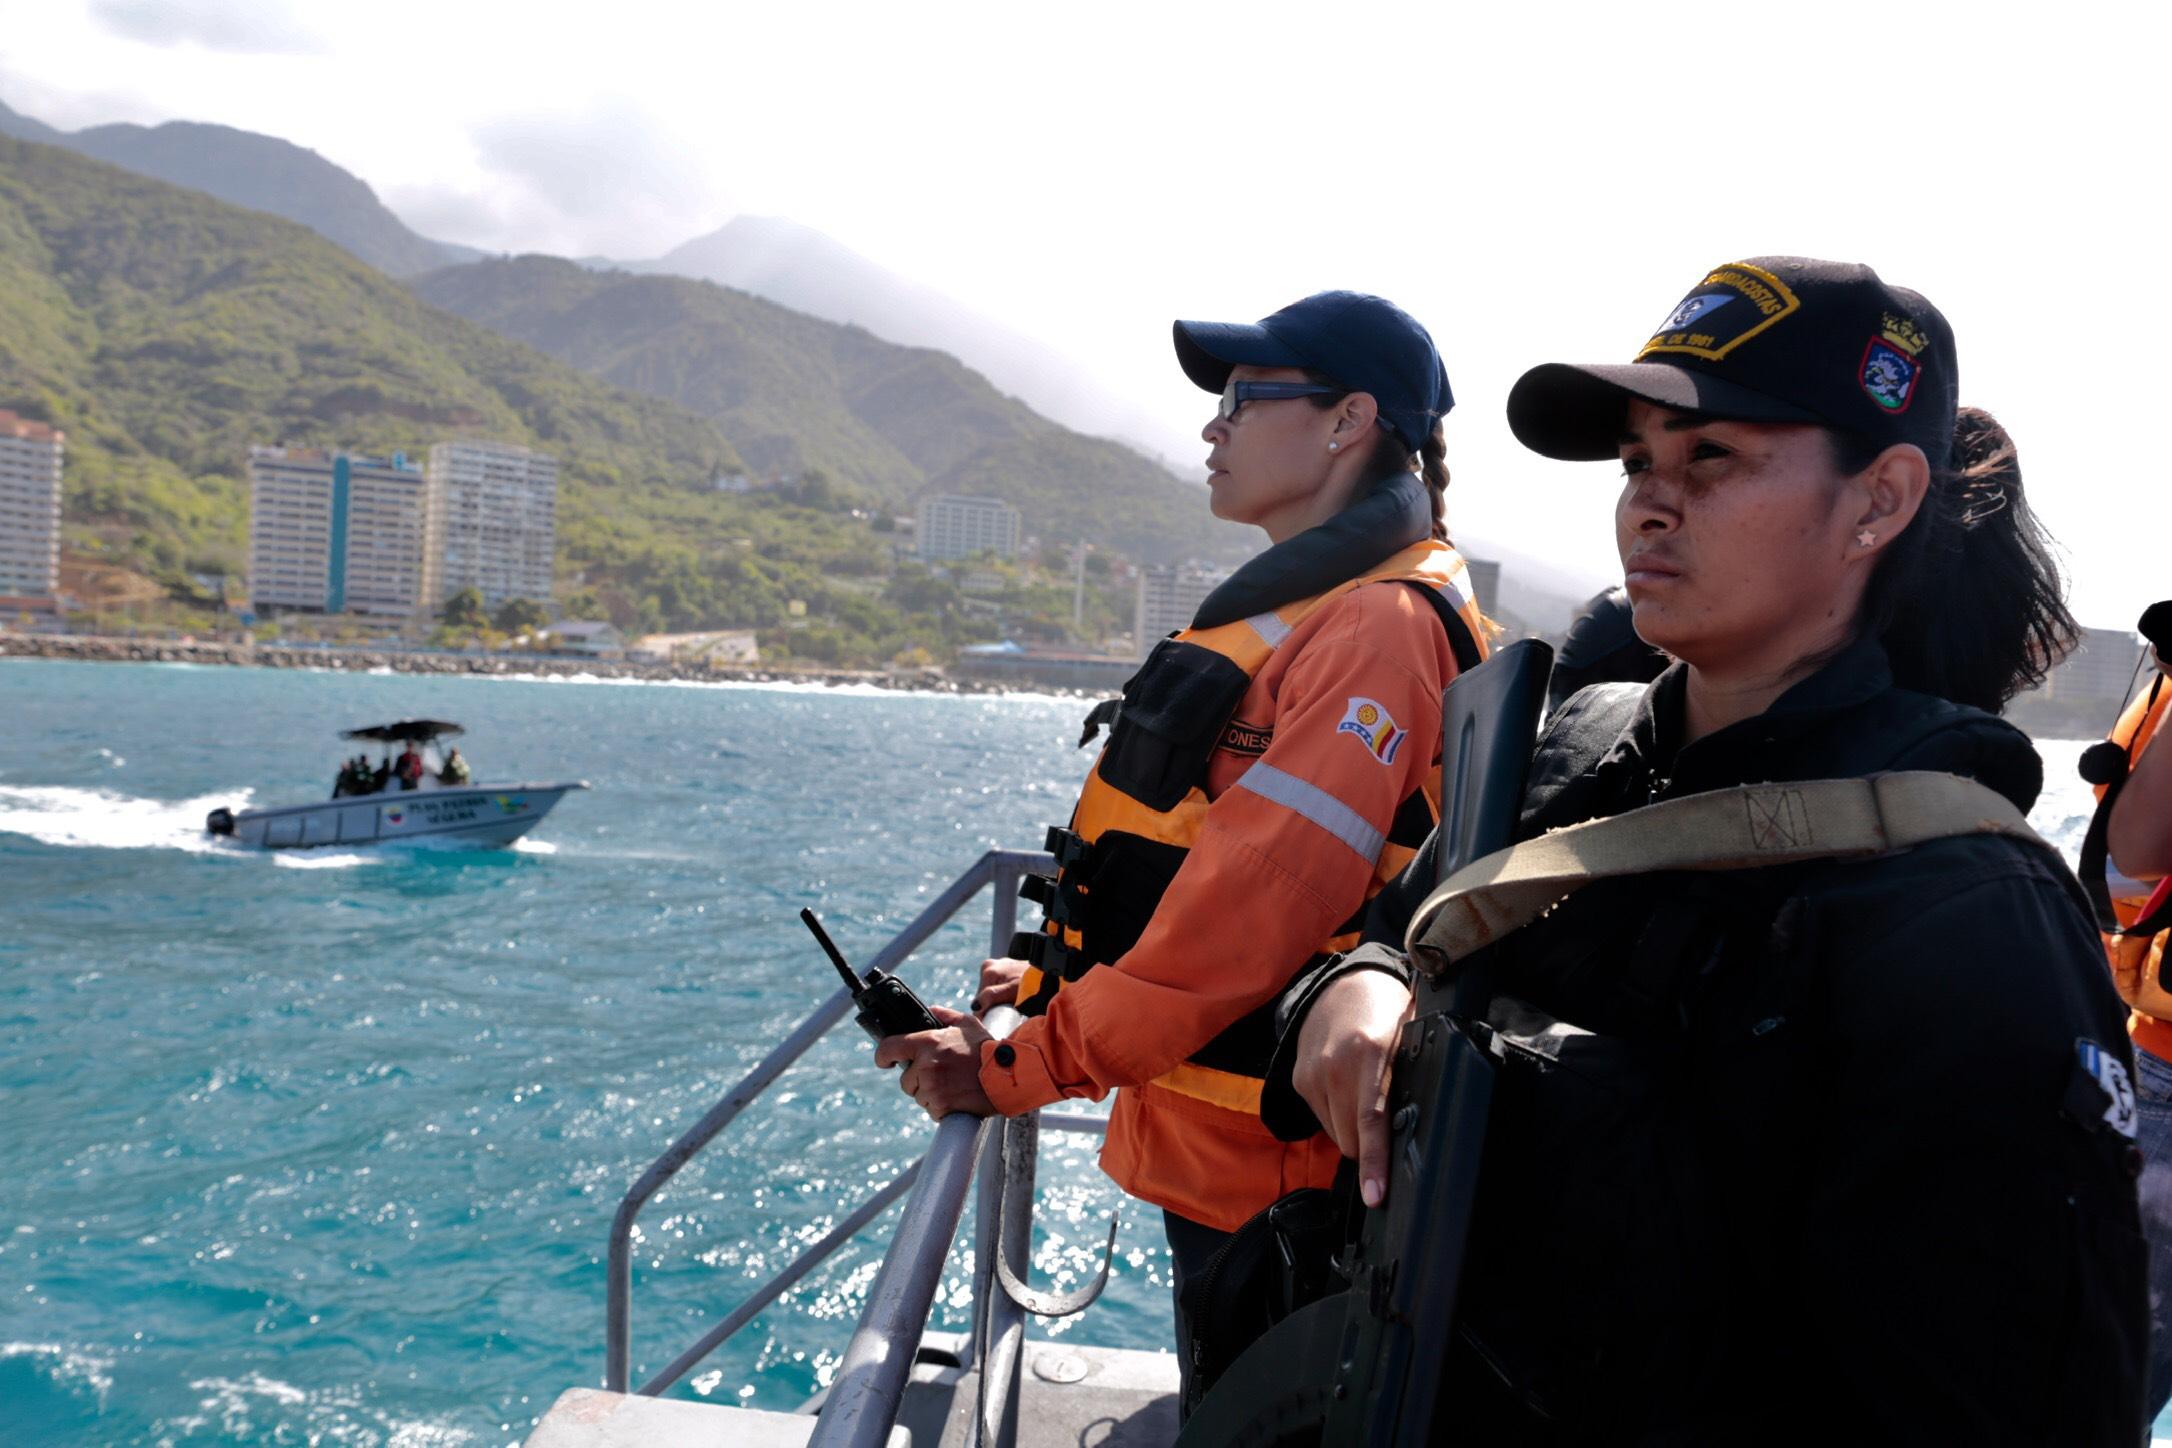 Sistema Nacional de Gestión de Riesgo supervisa despliegue de seguridad en 63 playas de Vargas (7)